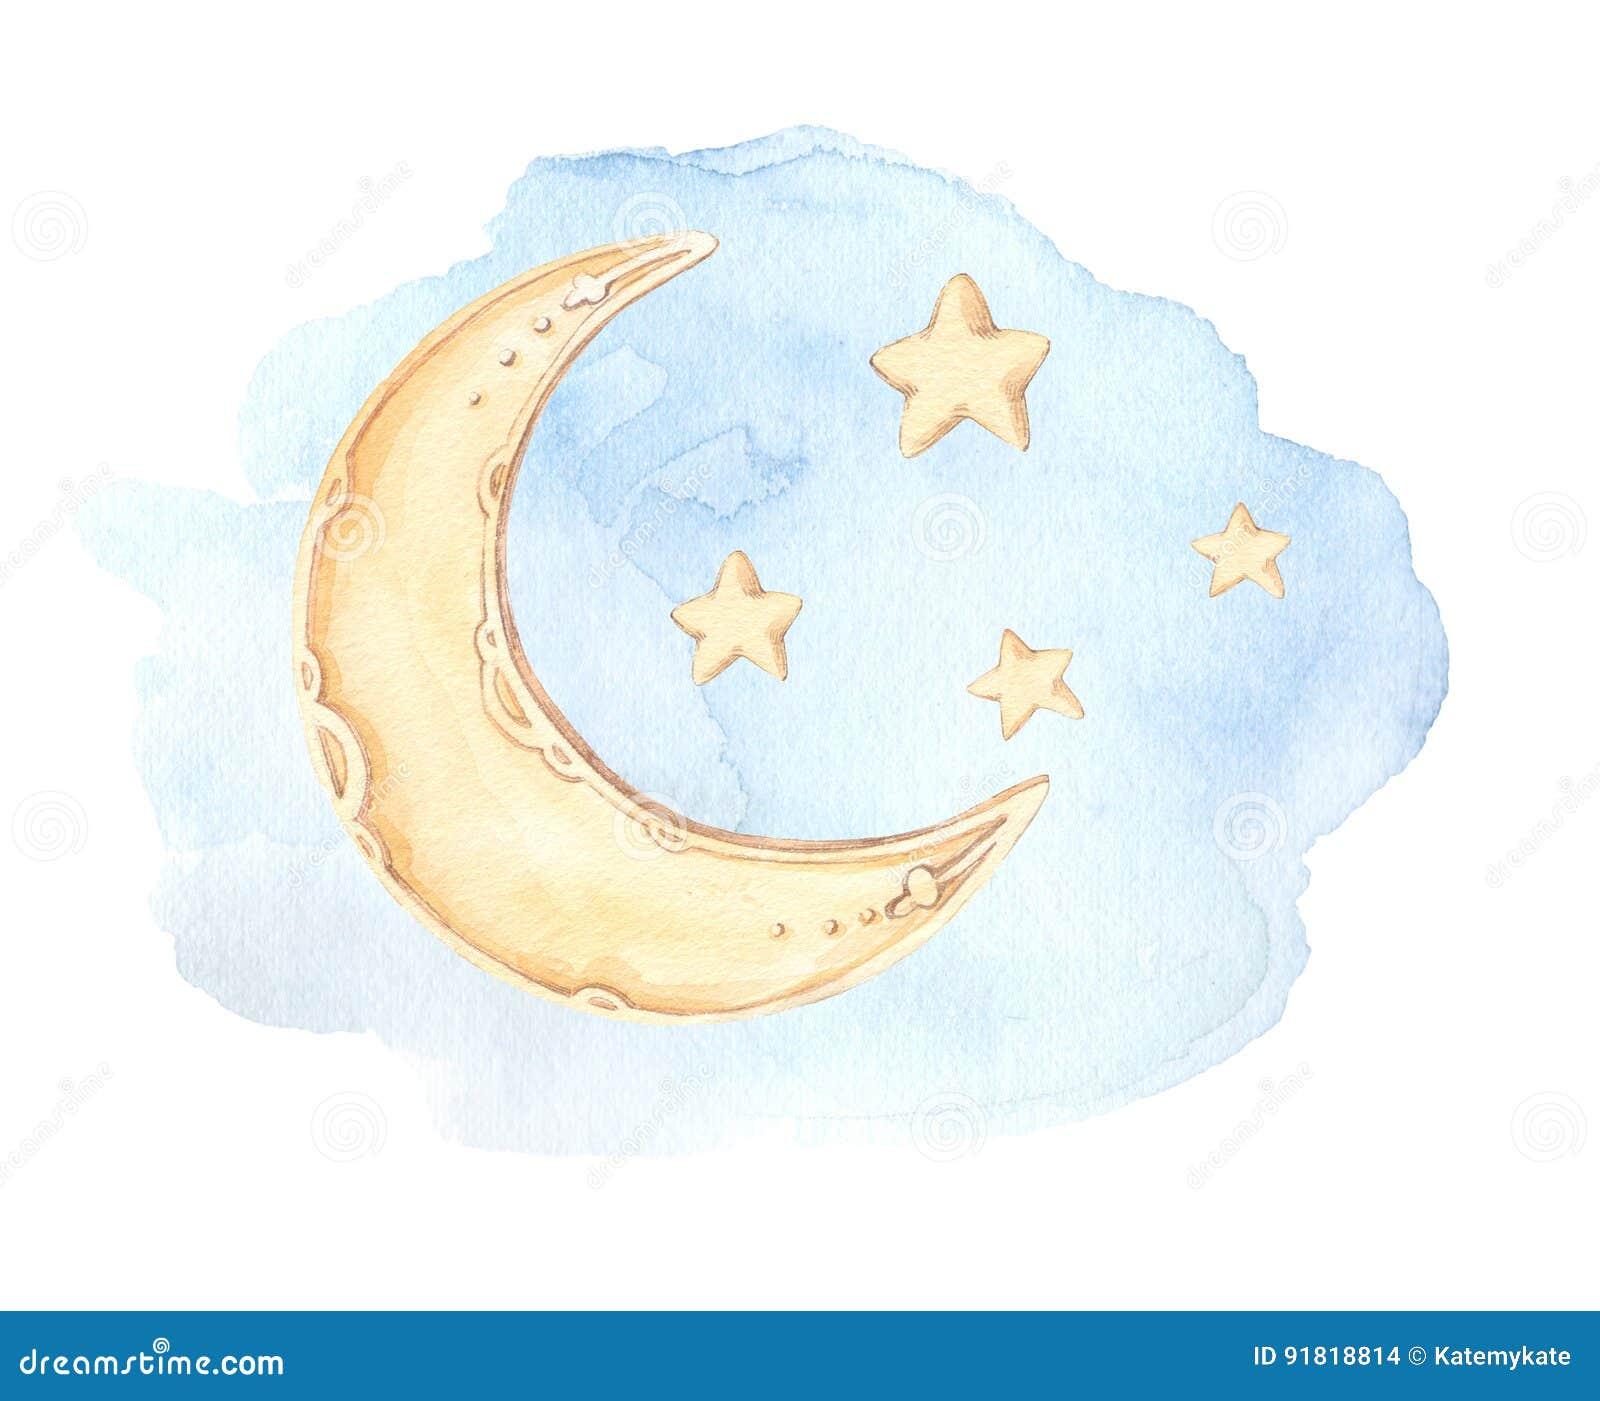 Συρμένη χέρι απεικόνιση watercolor - φεγγάρι ύπνου καληνύχτας,